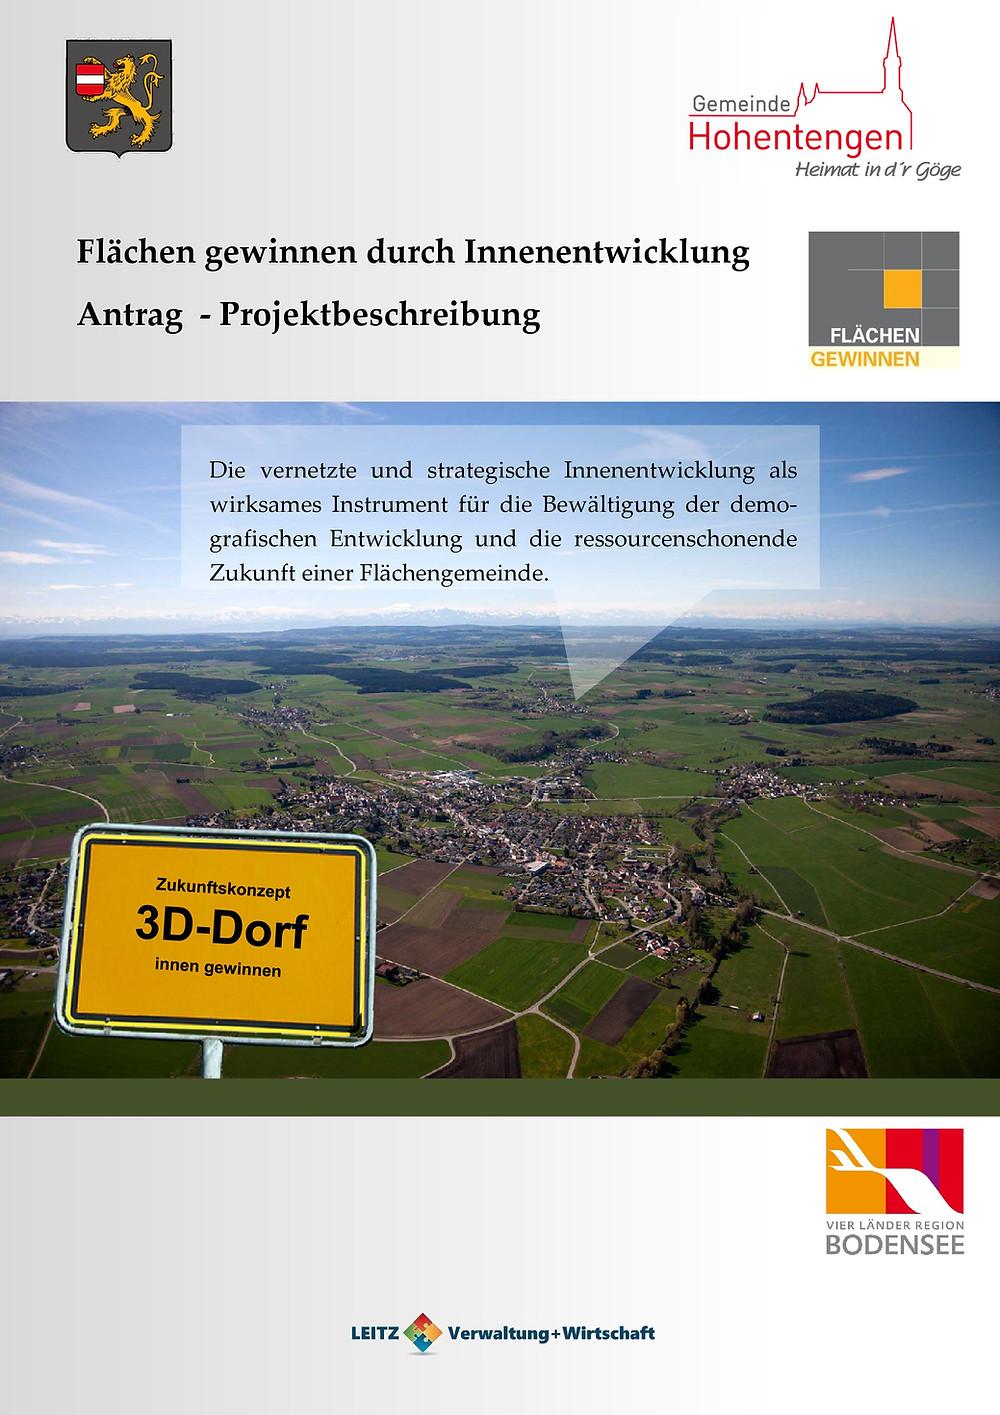 Flächen_Gewinnen_Hohentengen-001.jpg